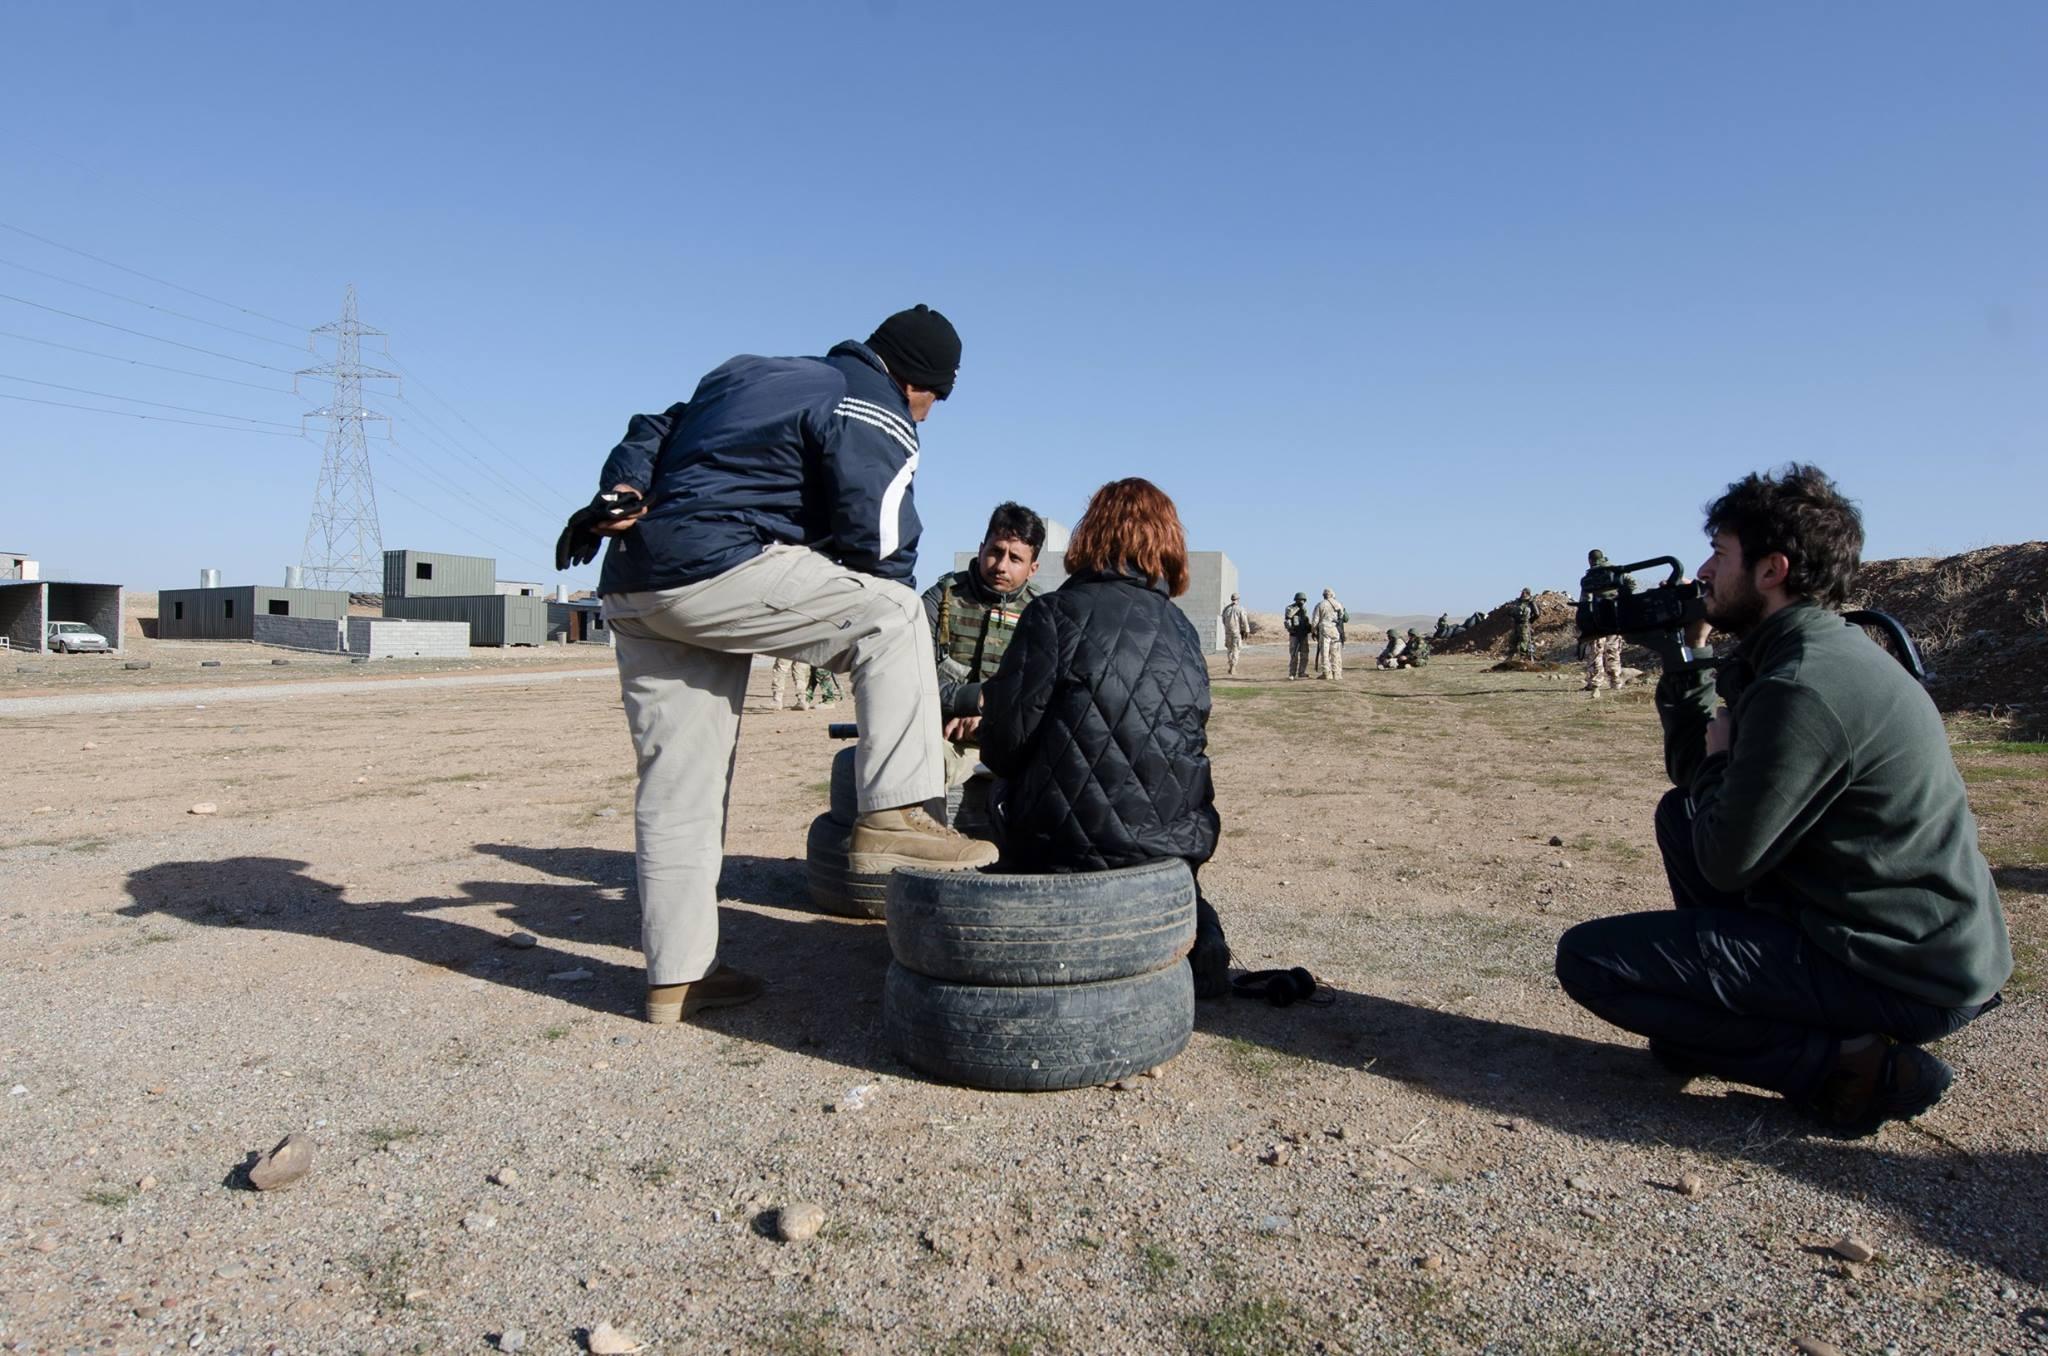 intervistapeshmerga